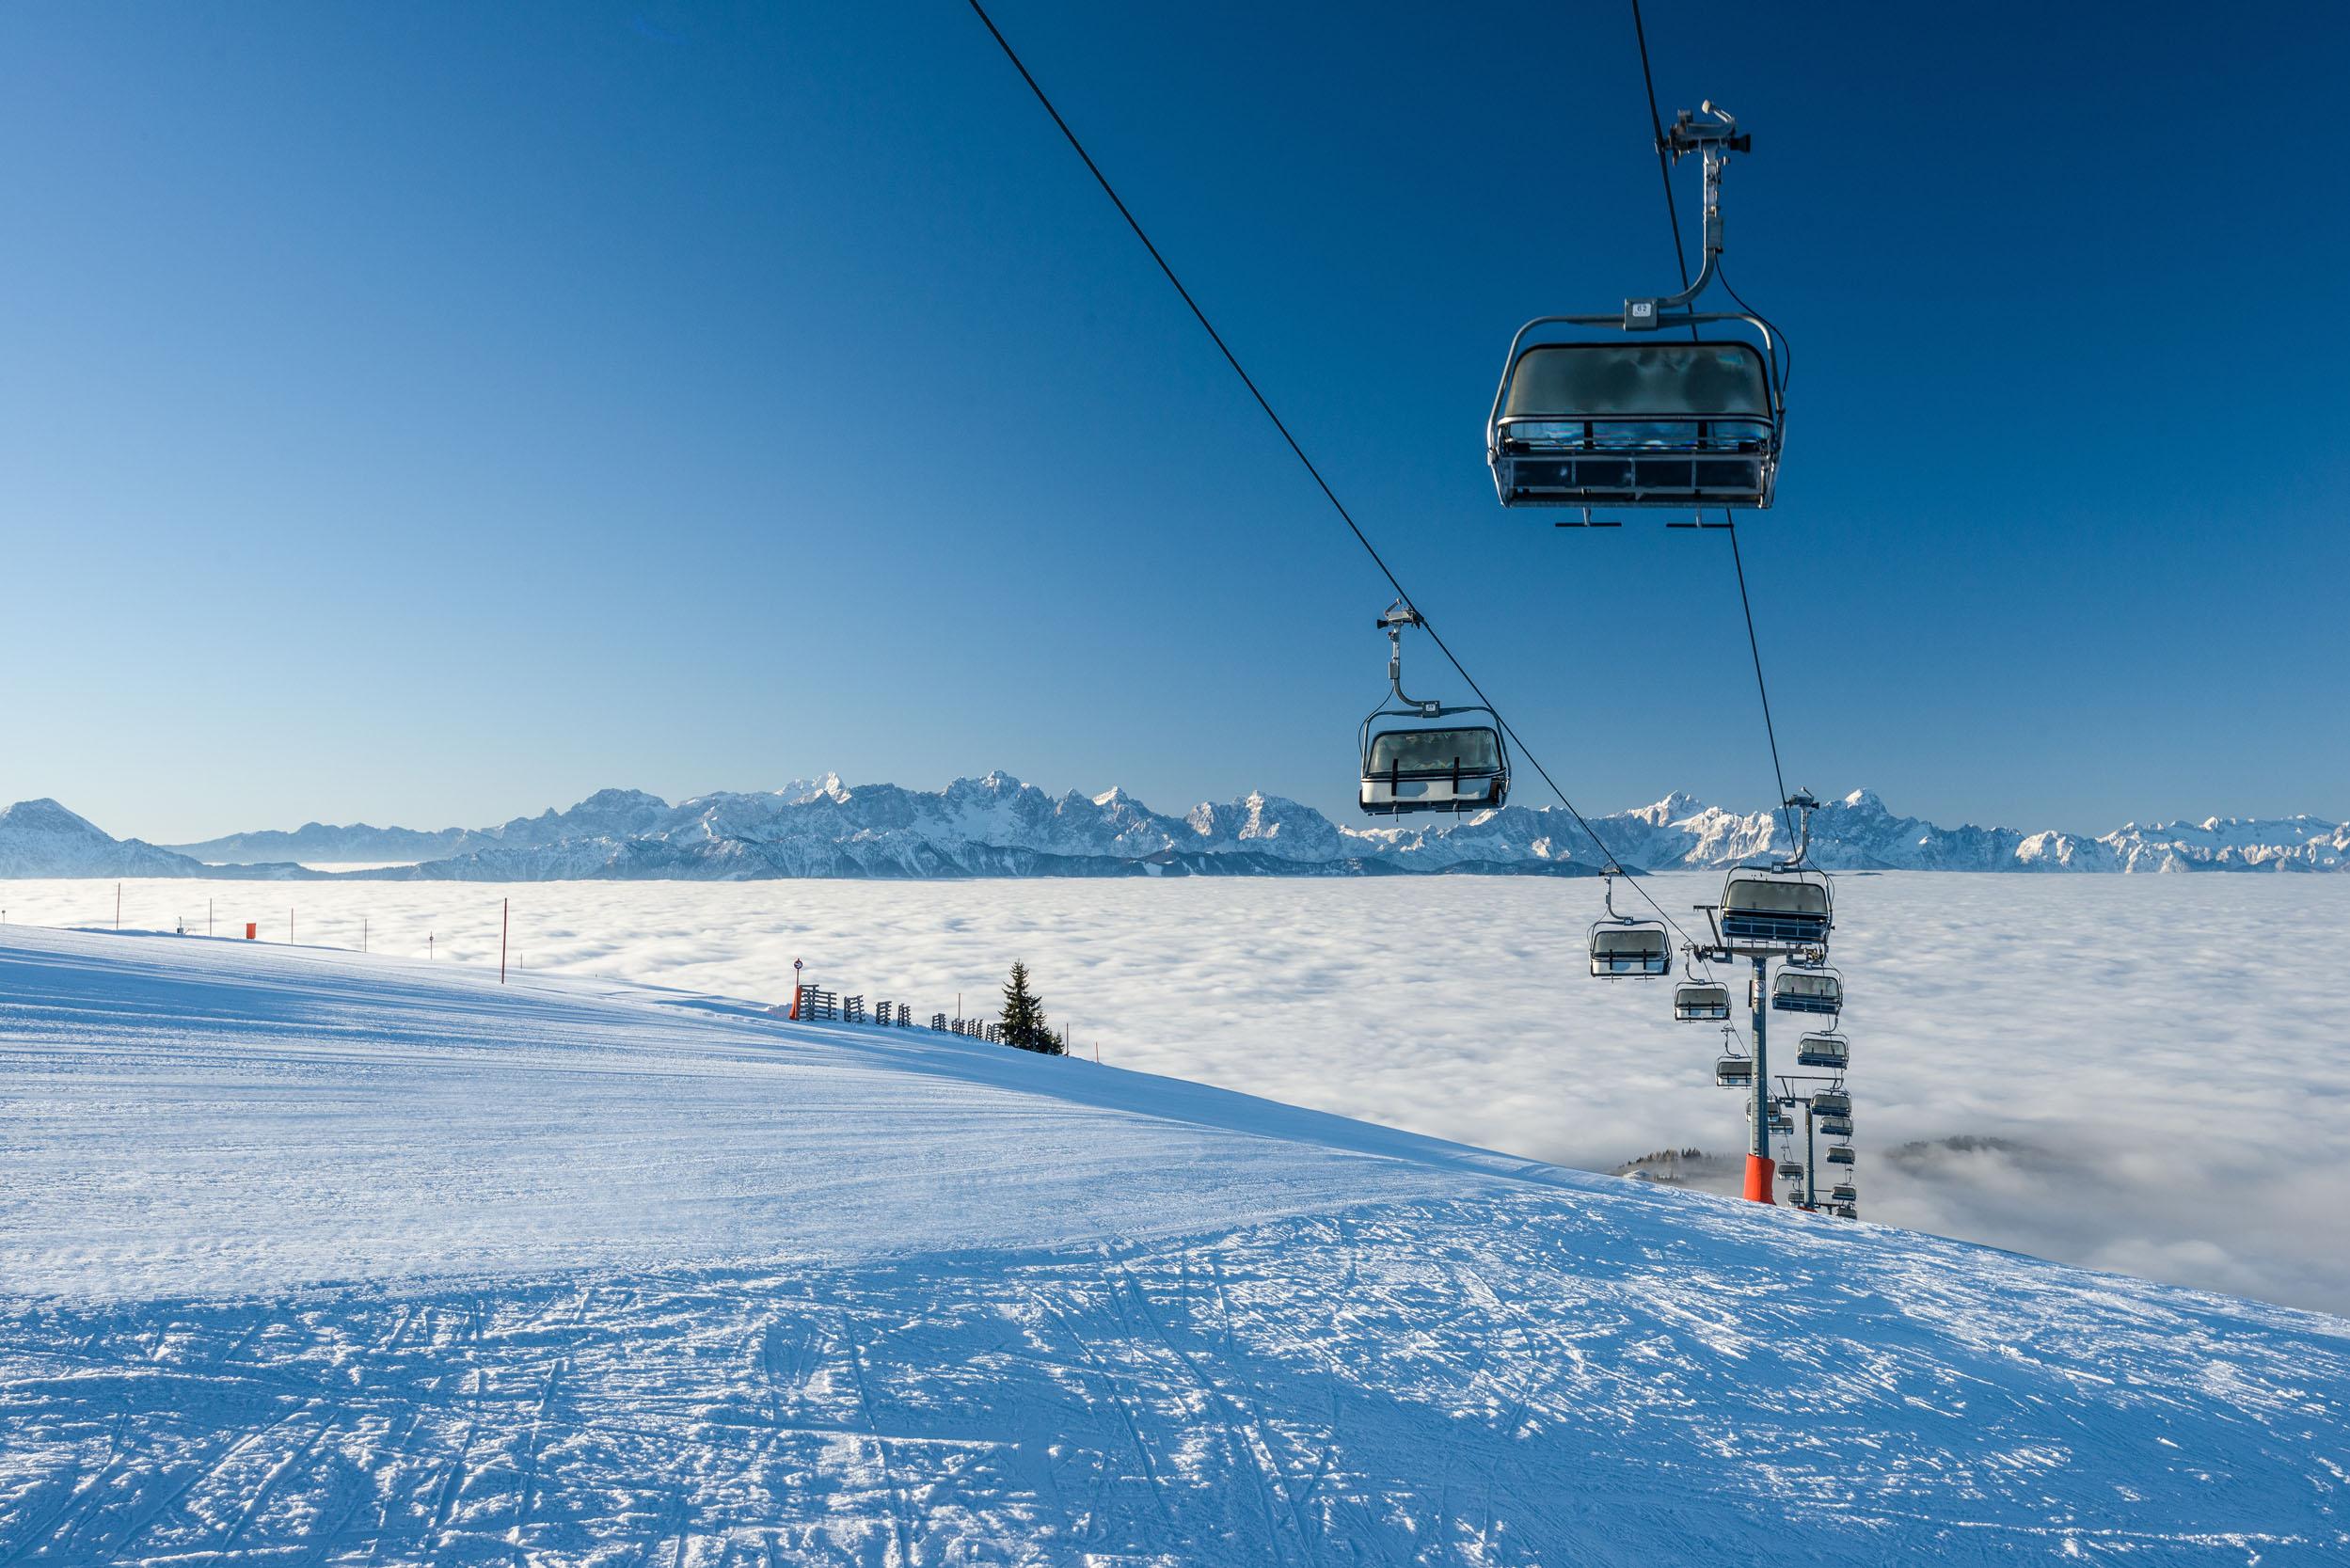 Der Sessellift beim Skiurlaub an der Gerlitzen Alpe